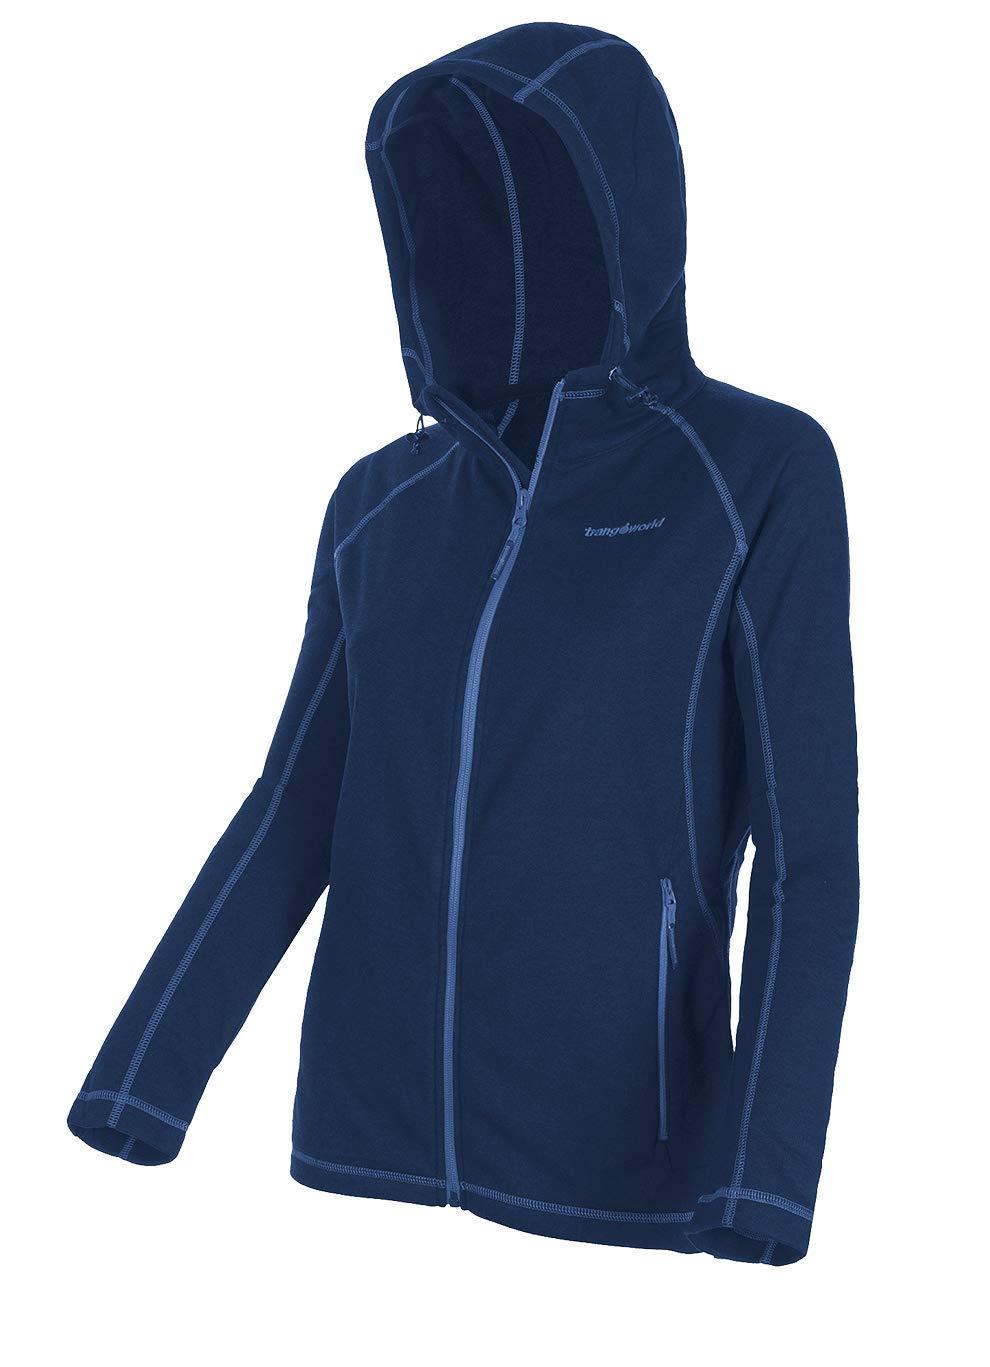 61w1nFAWZHL - Trangoworld Women's Huka Jacket